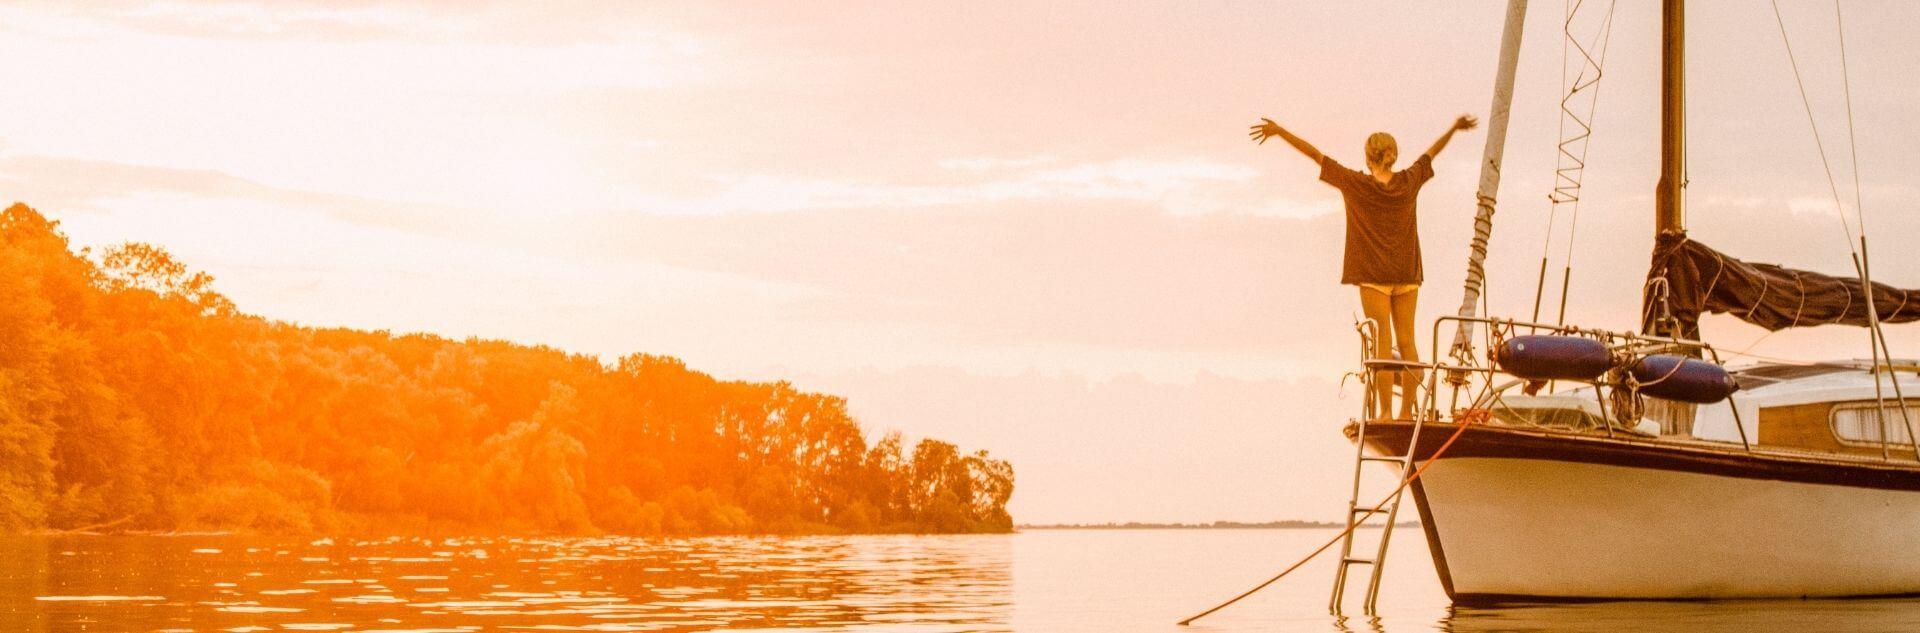 Frau schaut auf Sonnenuntergang auf einem Segelboot auf der Müritz